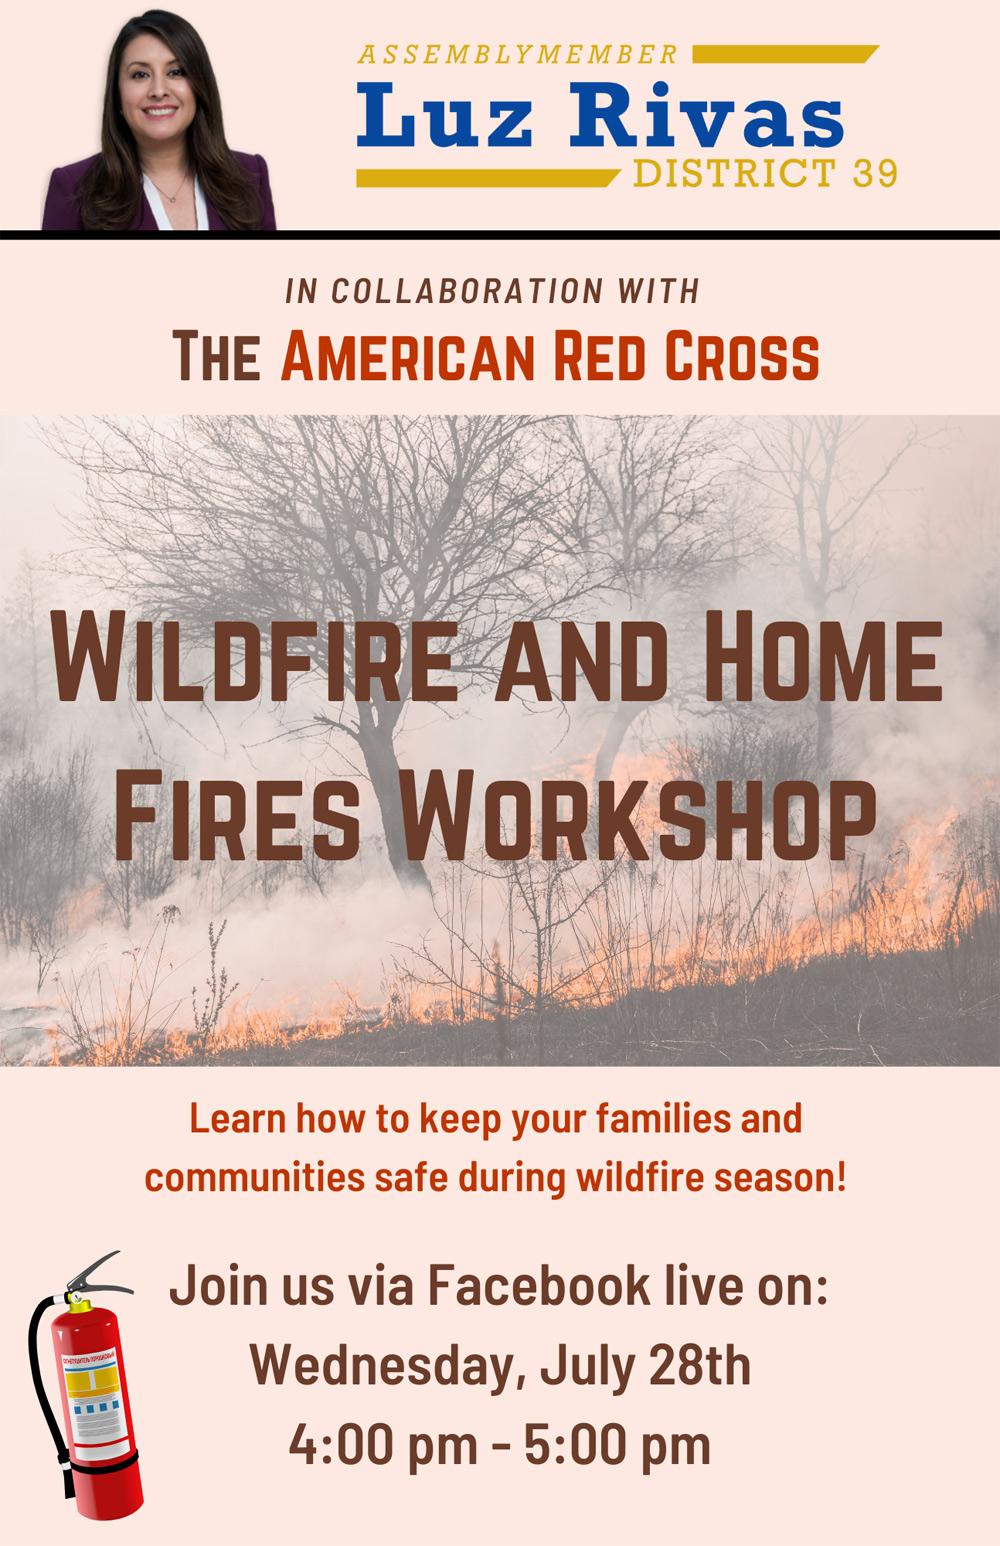 Wildfire safety workshop